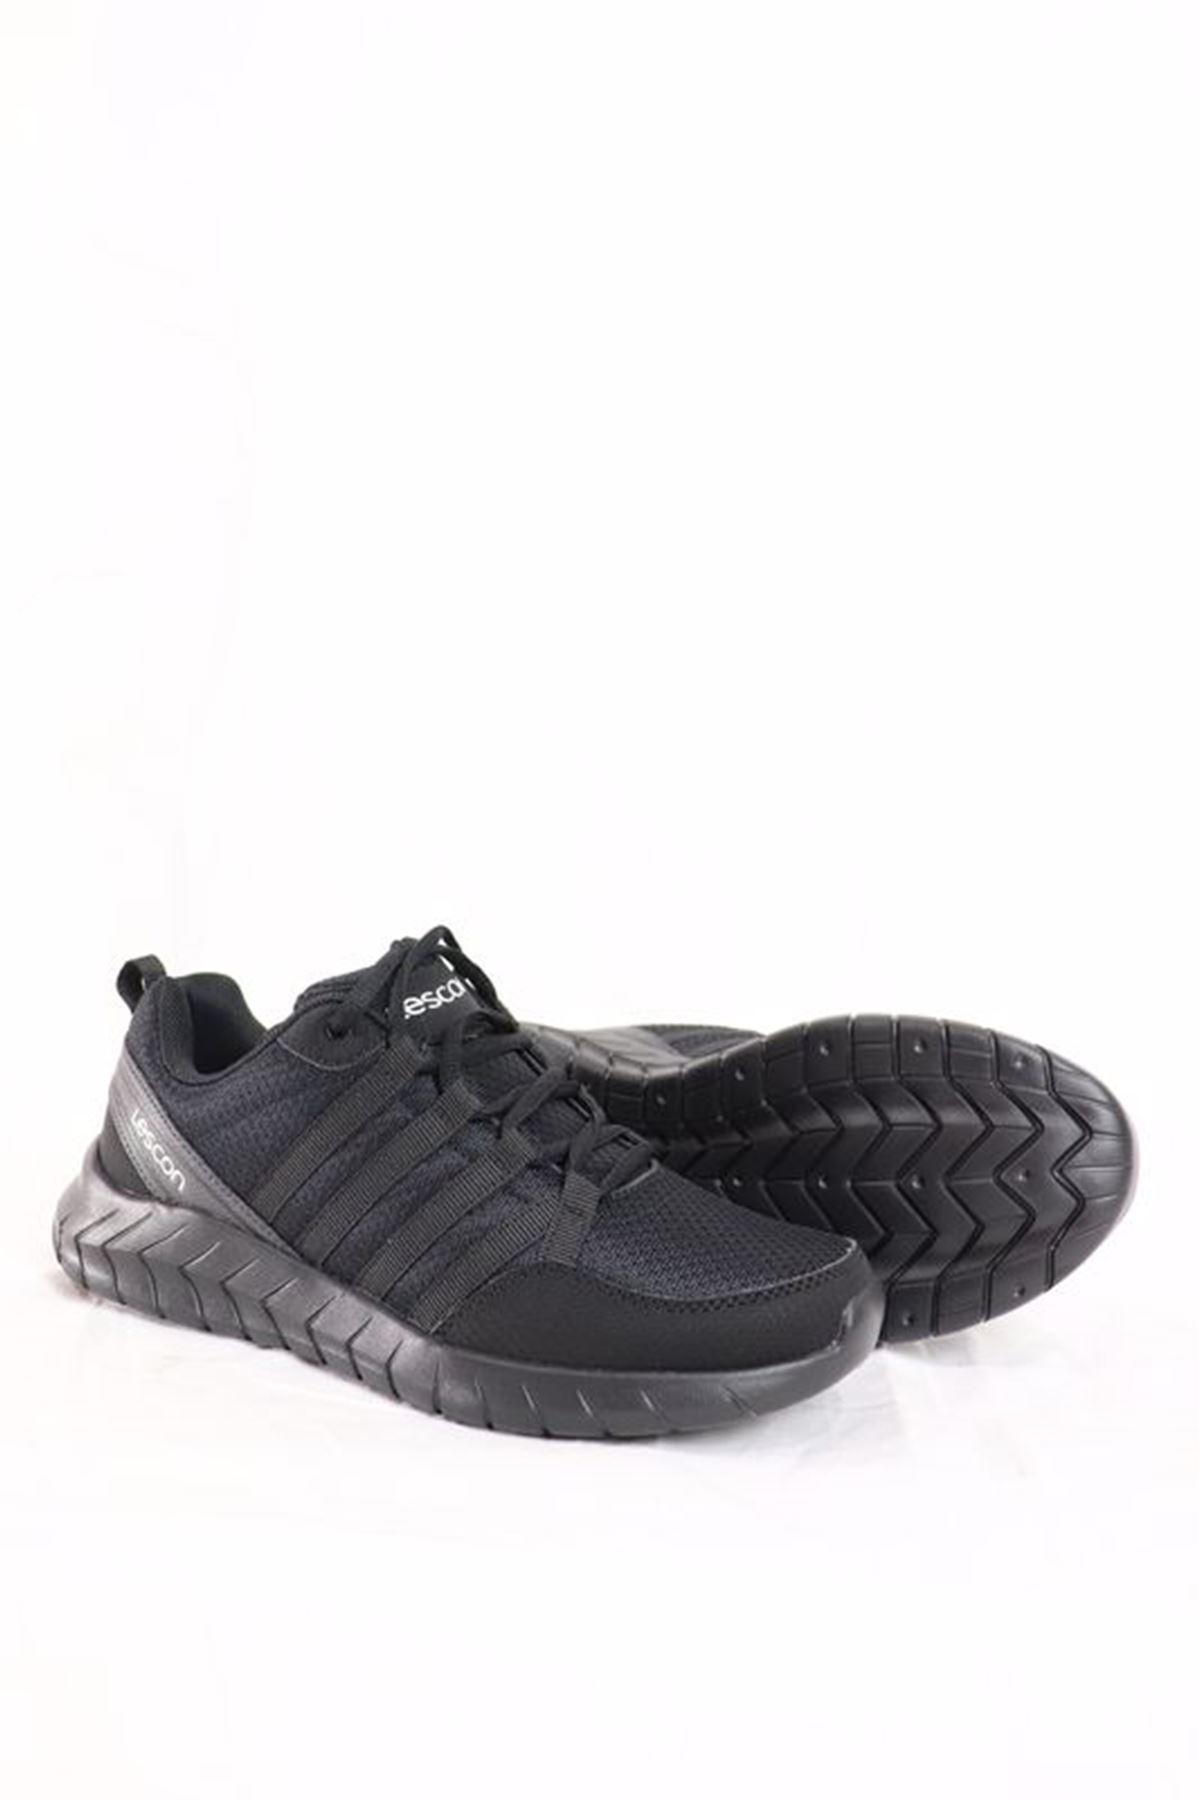 Lescon - Flex Legend-2 Siyah Spor Kadın Ayakkabısı